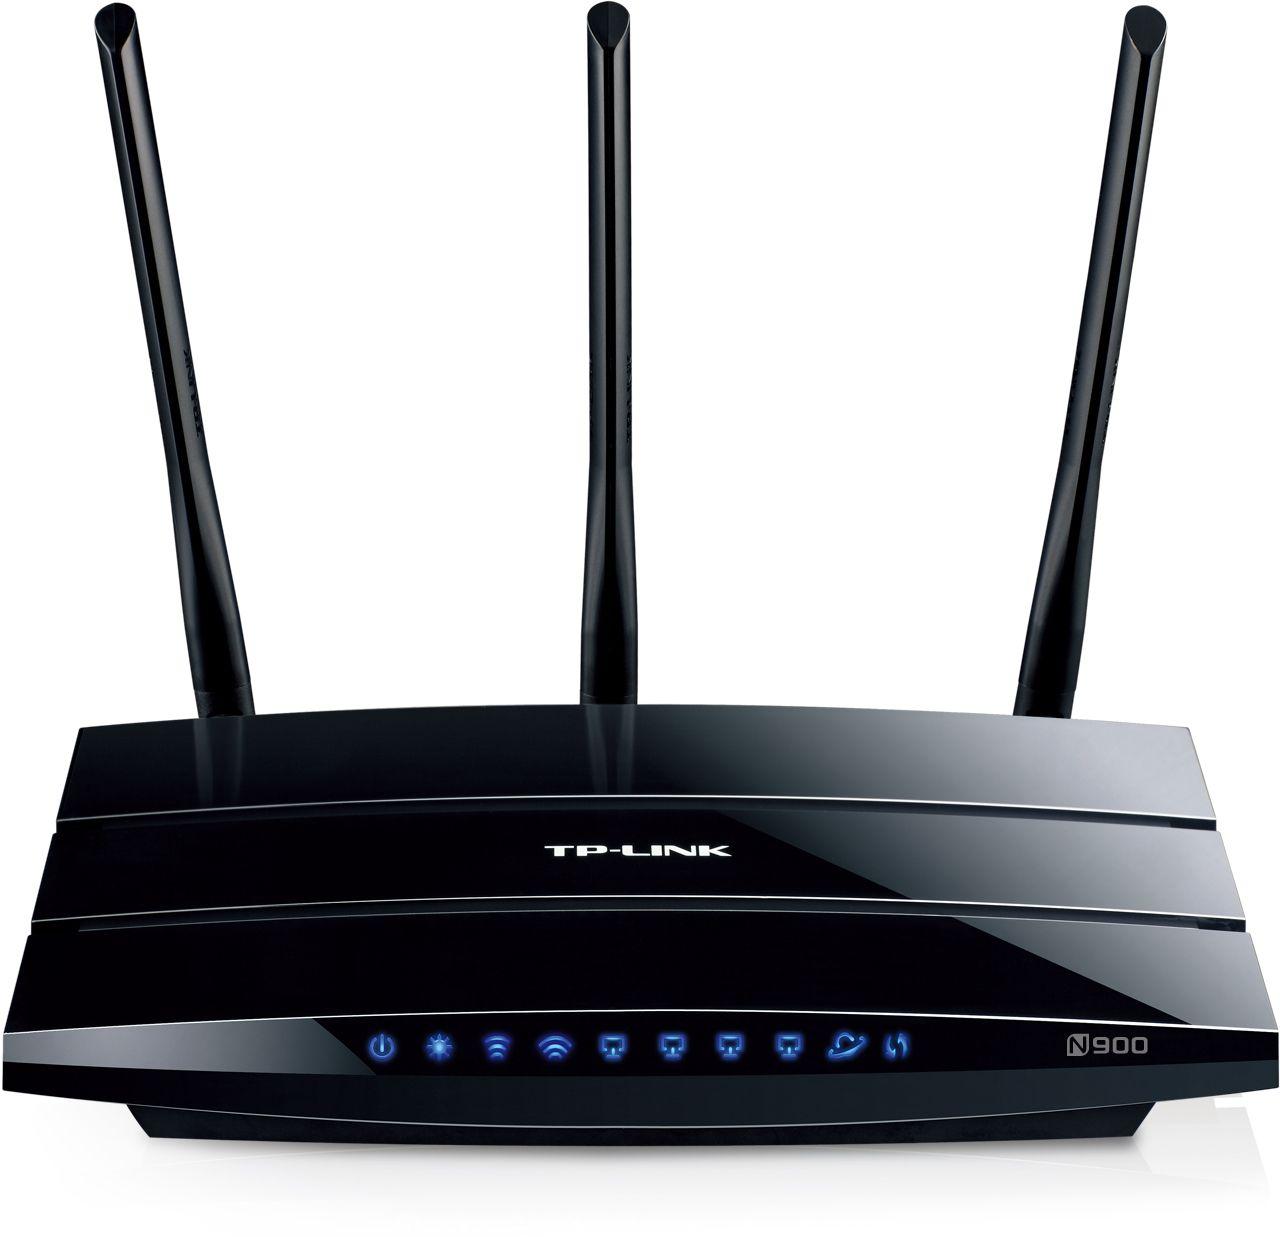 Eş zamanlı Dualband Kablosuz Router'ın avantajları